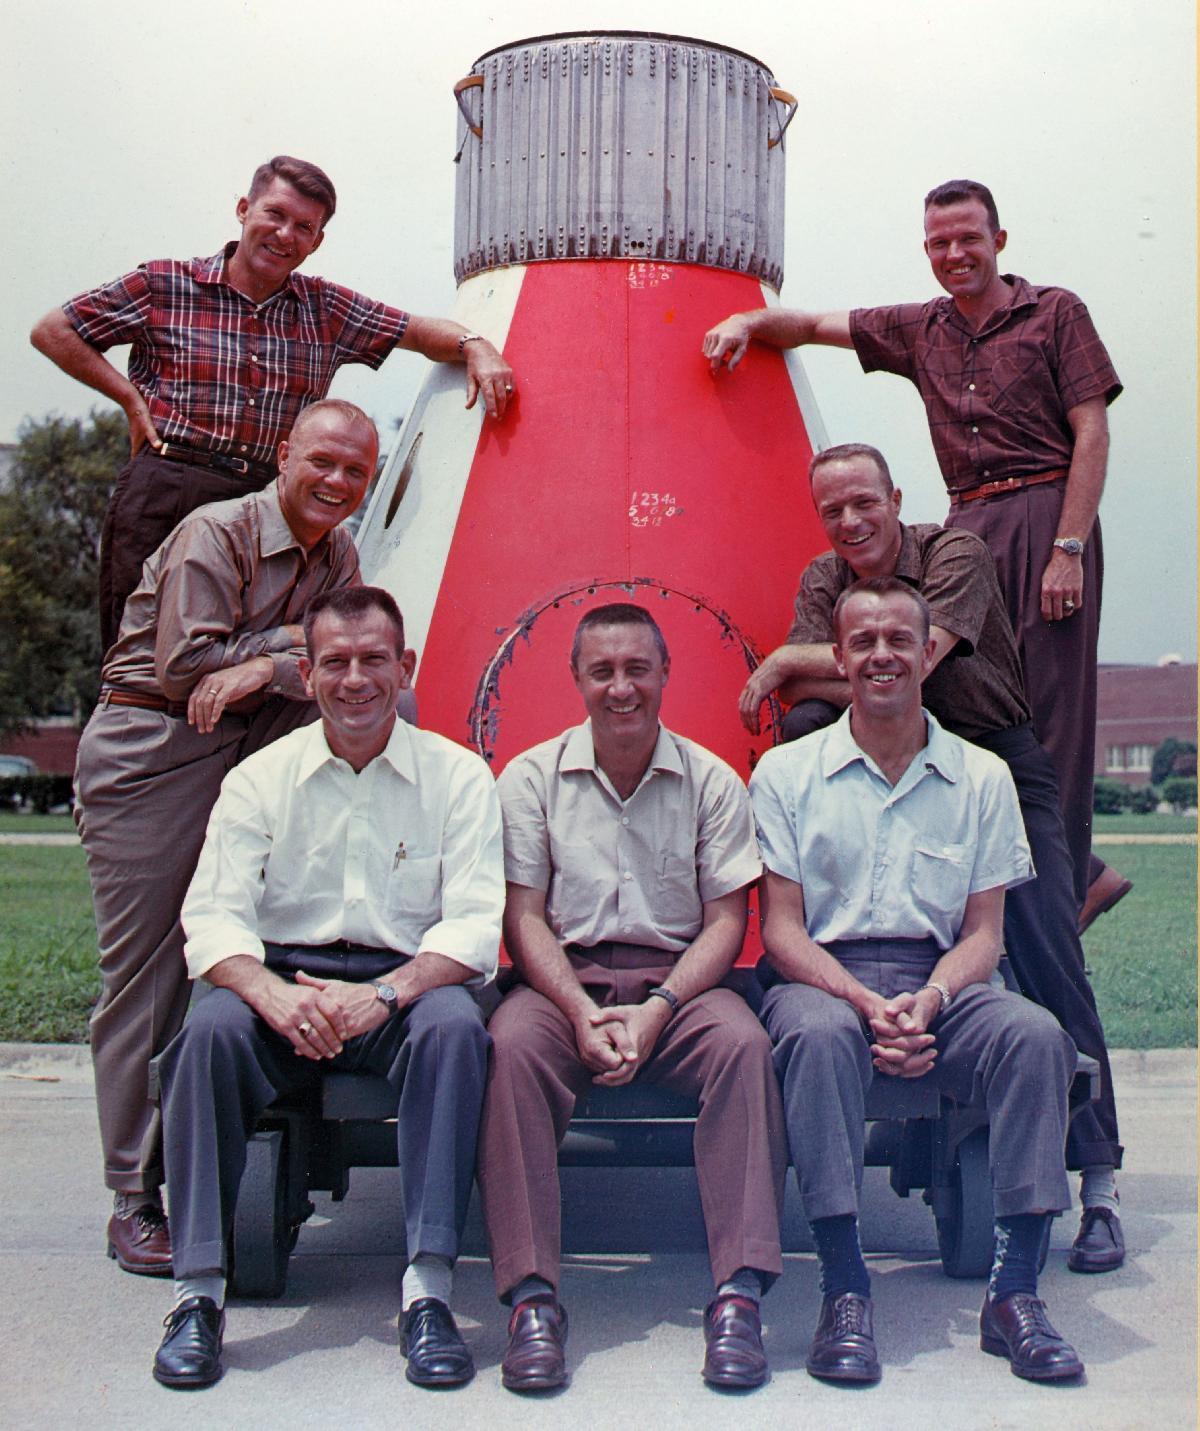 Mercury 7, Carpenter v druhé řadě vpravo